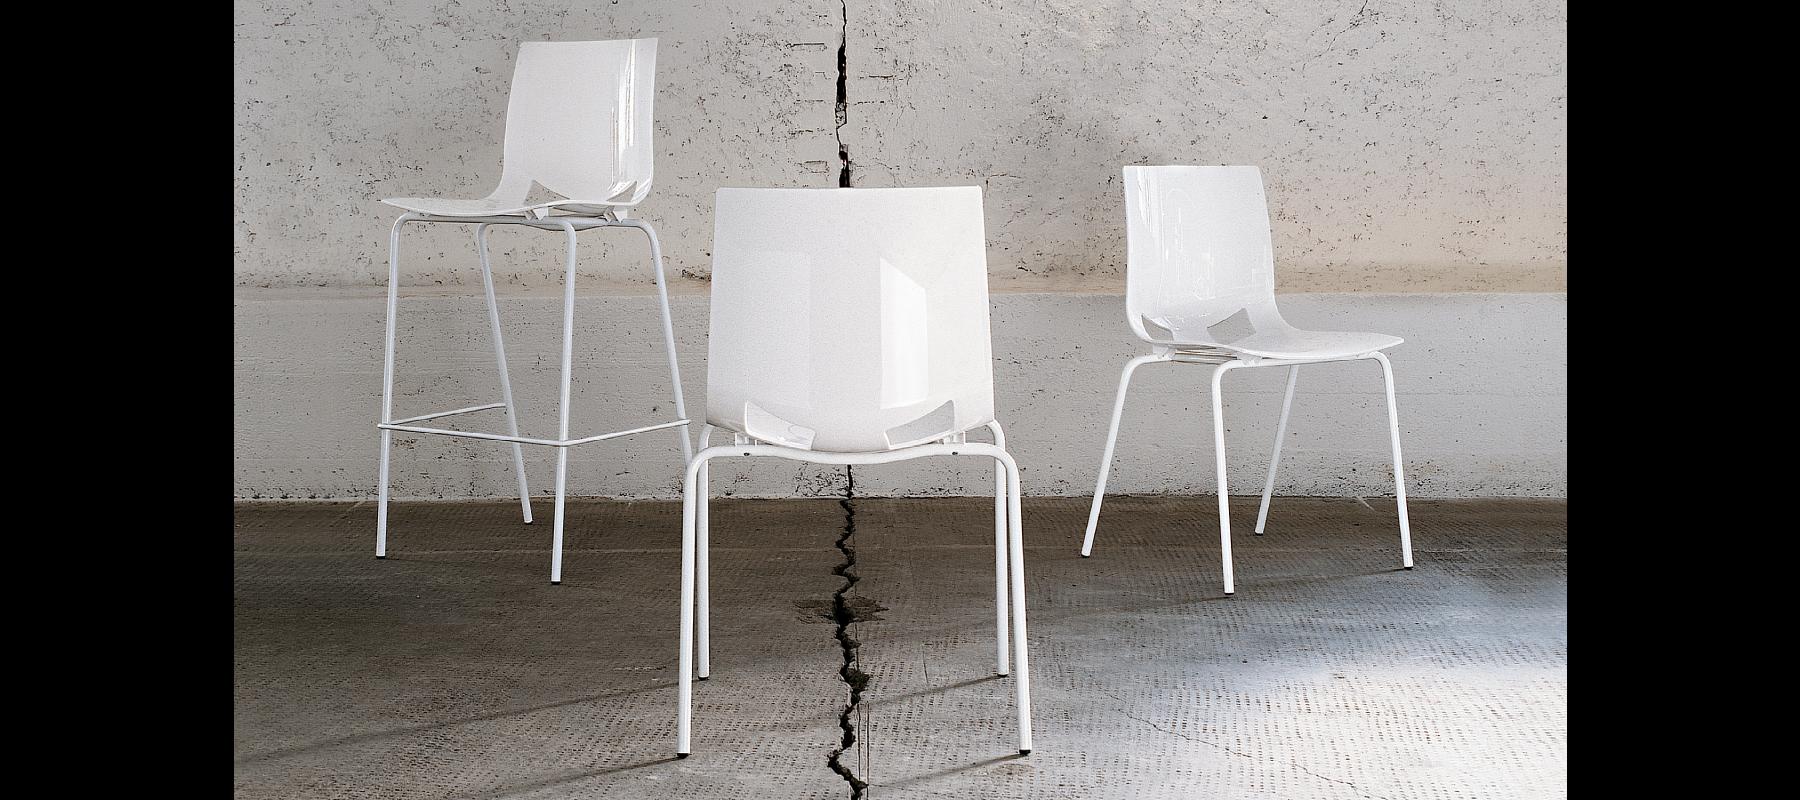 krzesła stacjonarne fondo aranżacje - 08